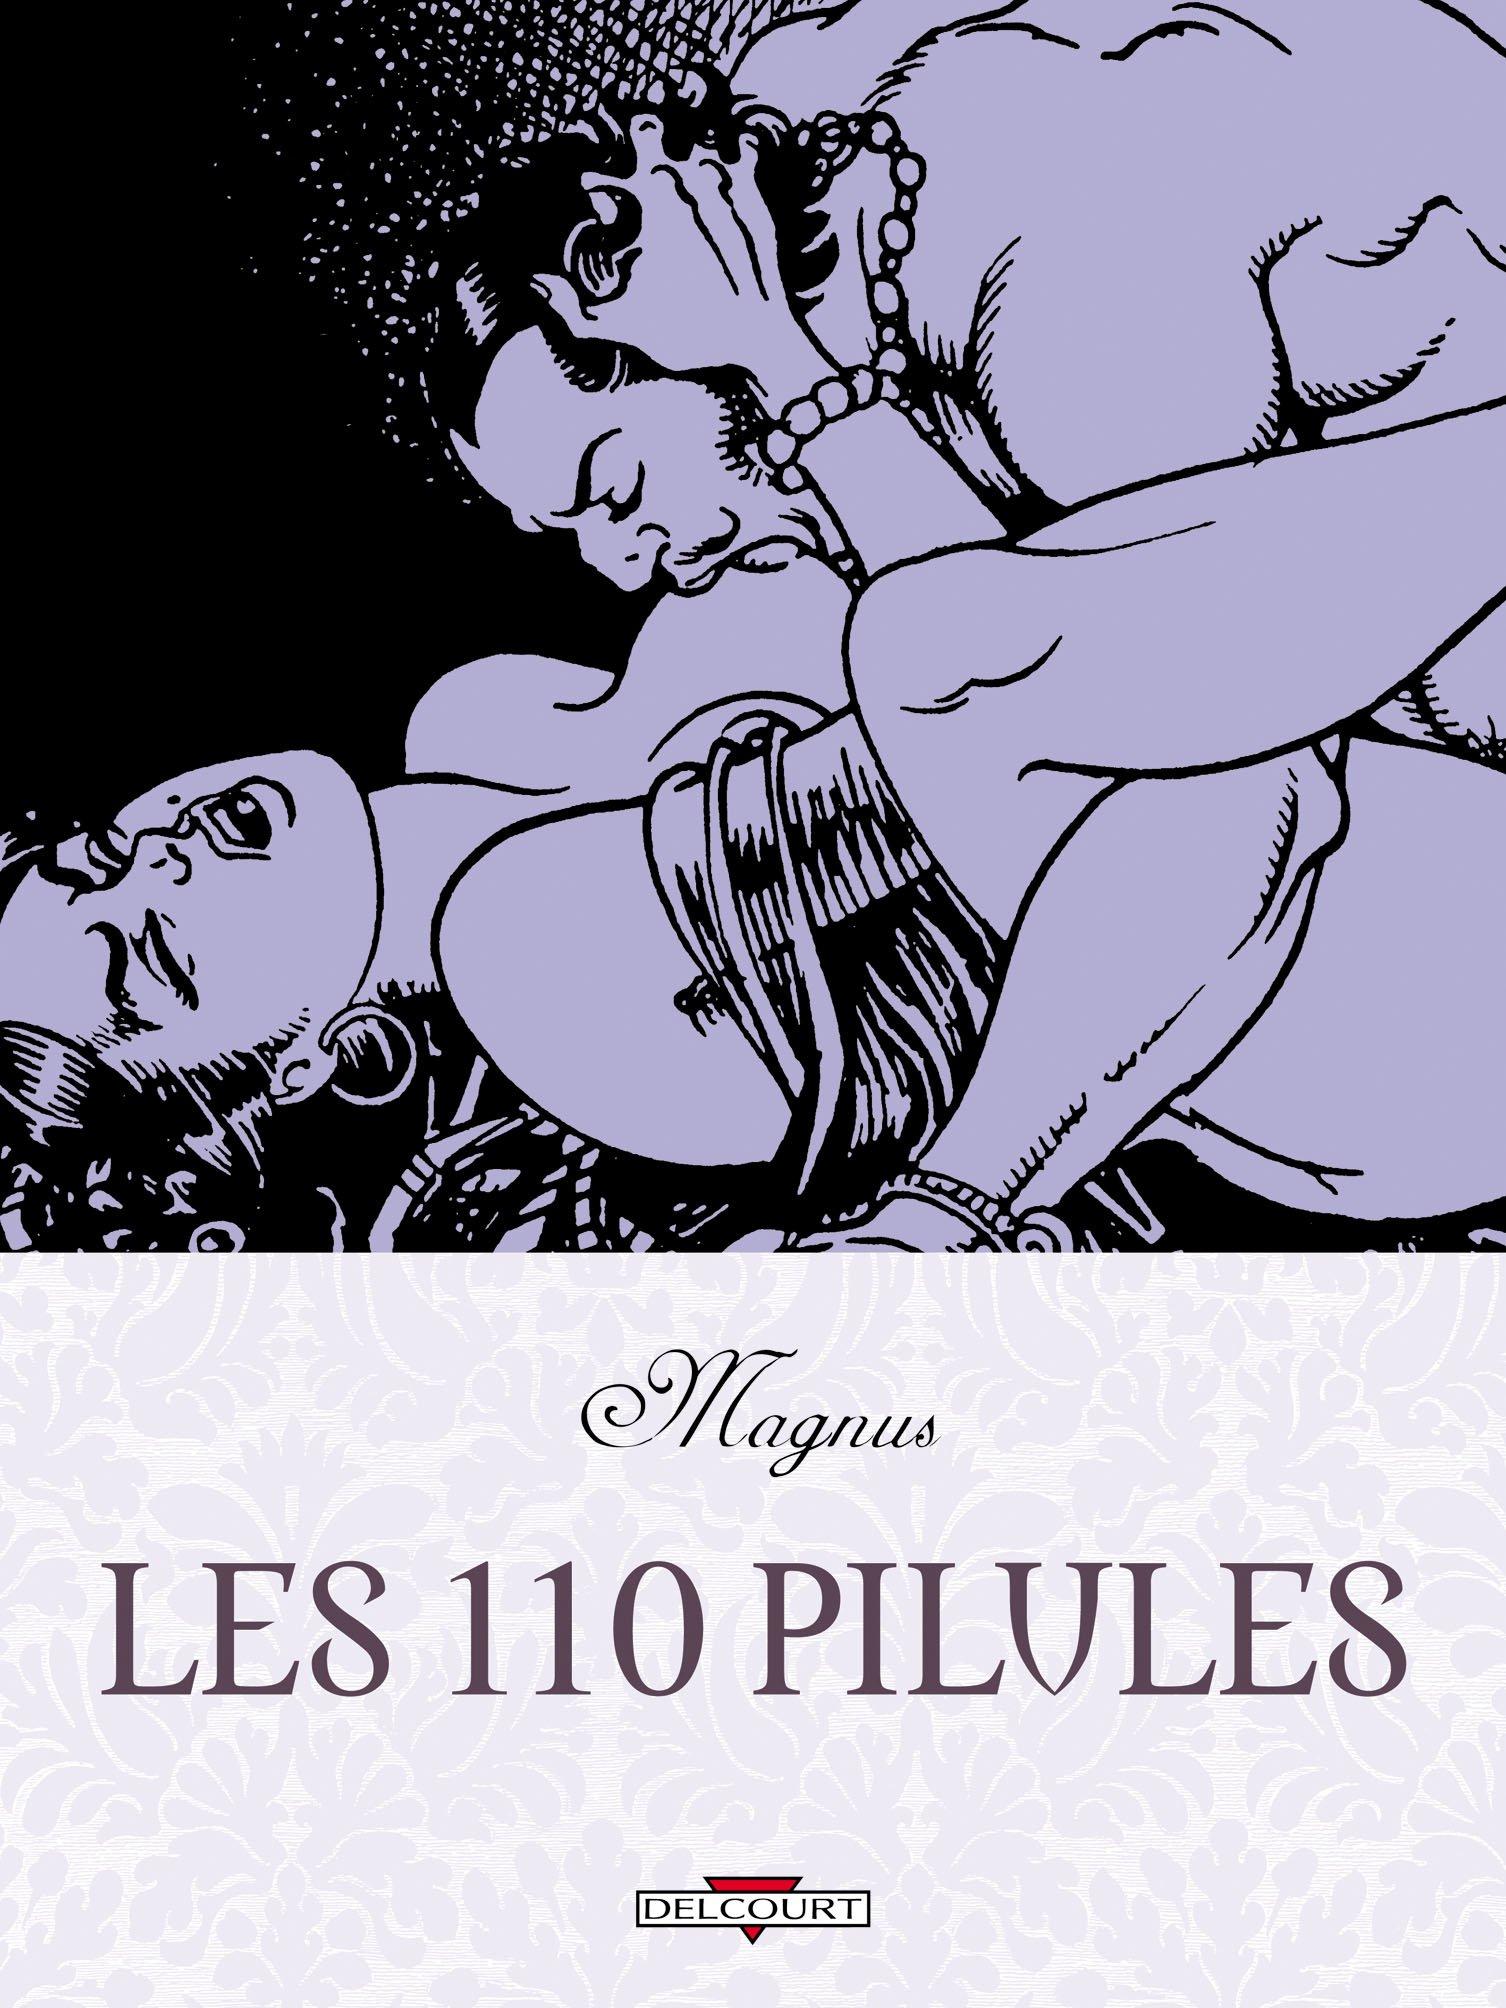 Les 110 pilules Album – 23 septembre 2009 Magnus Delcourt 2756018112 BD tout public